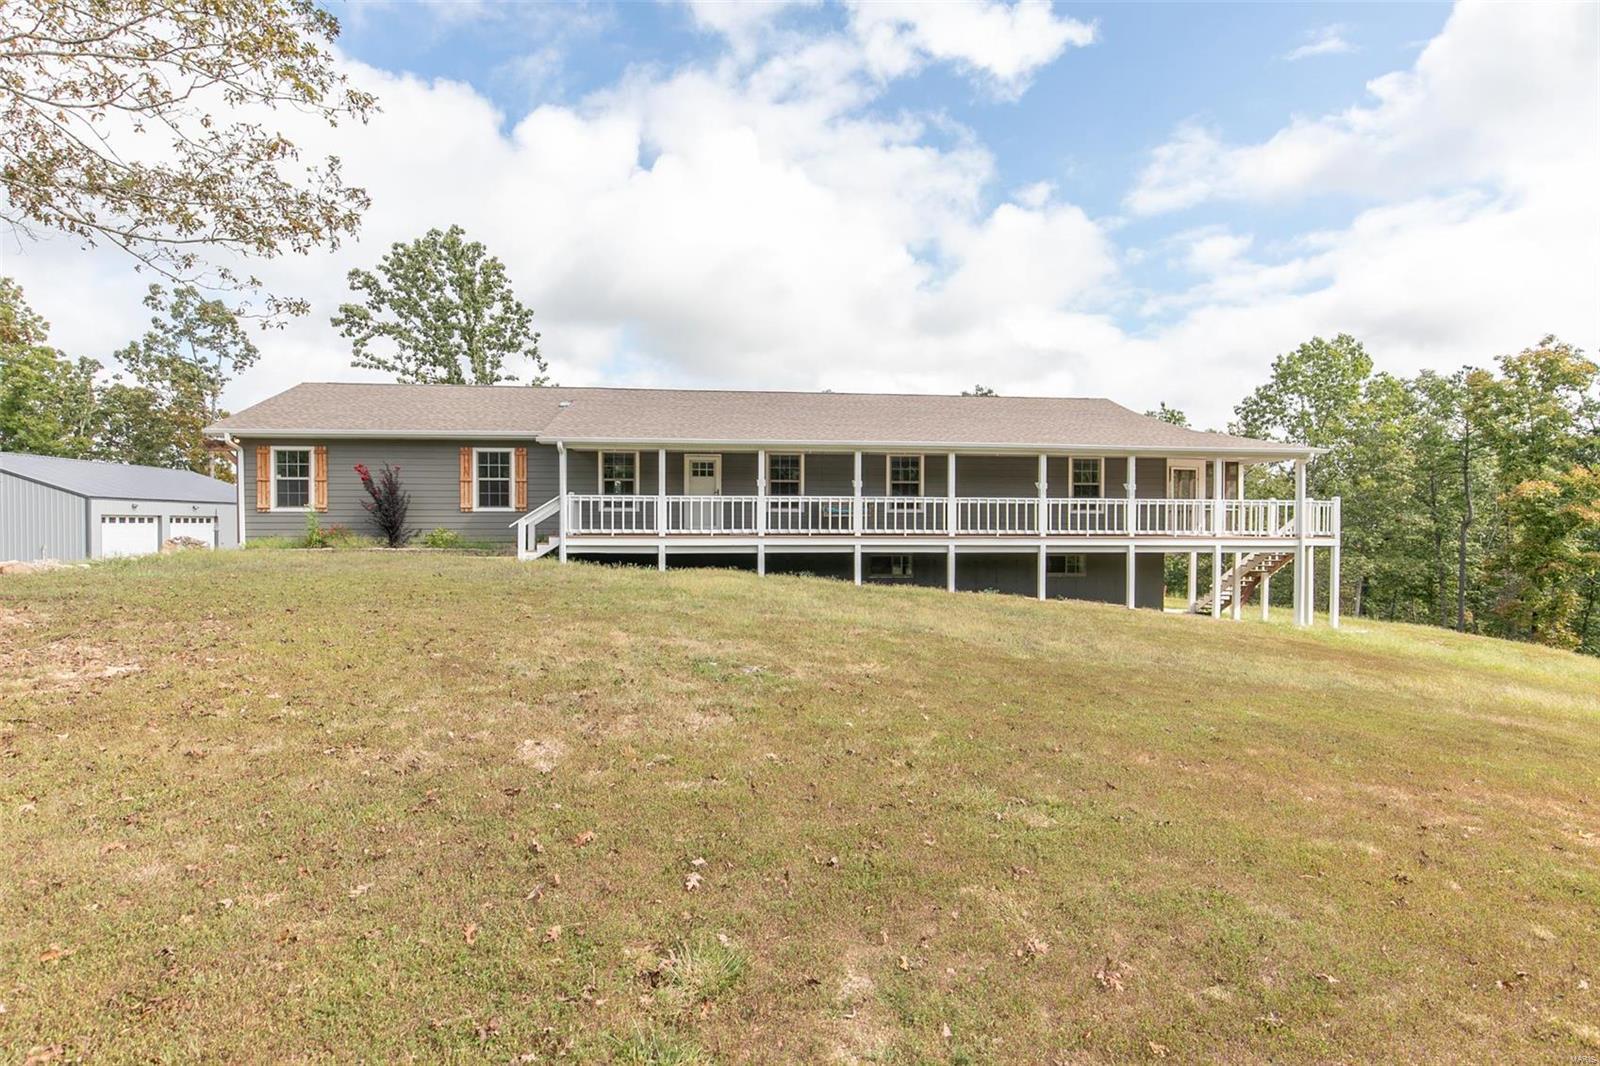 1537 Missouri 34, Van Buren, MO 63965